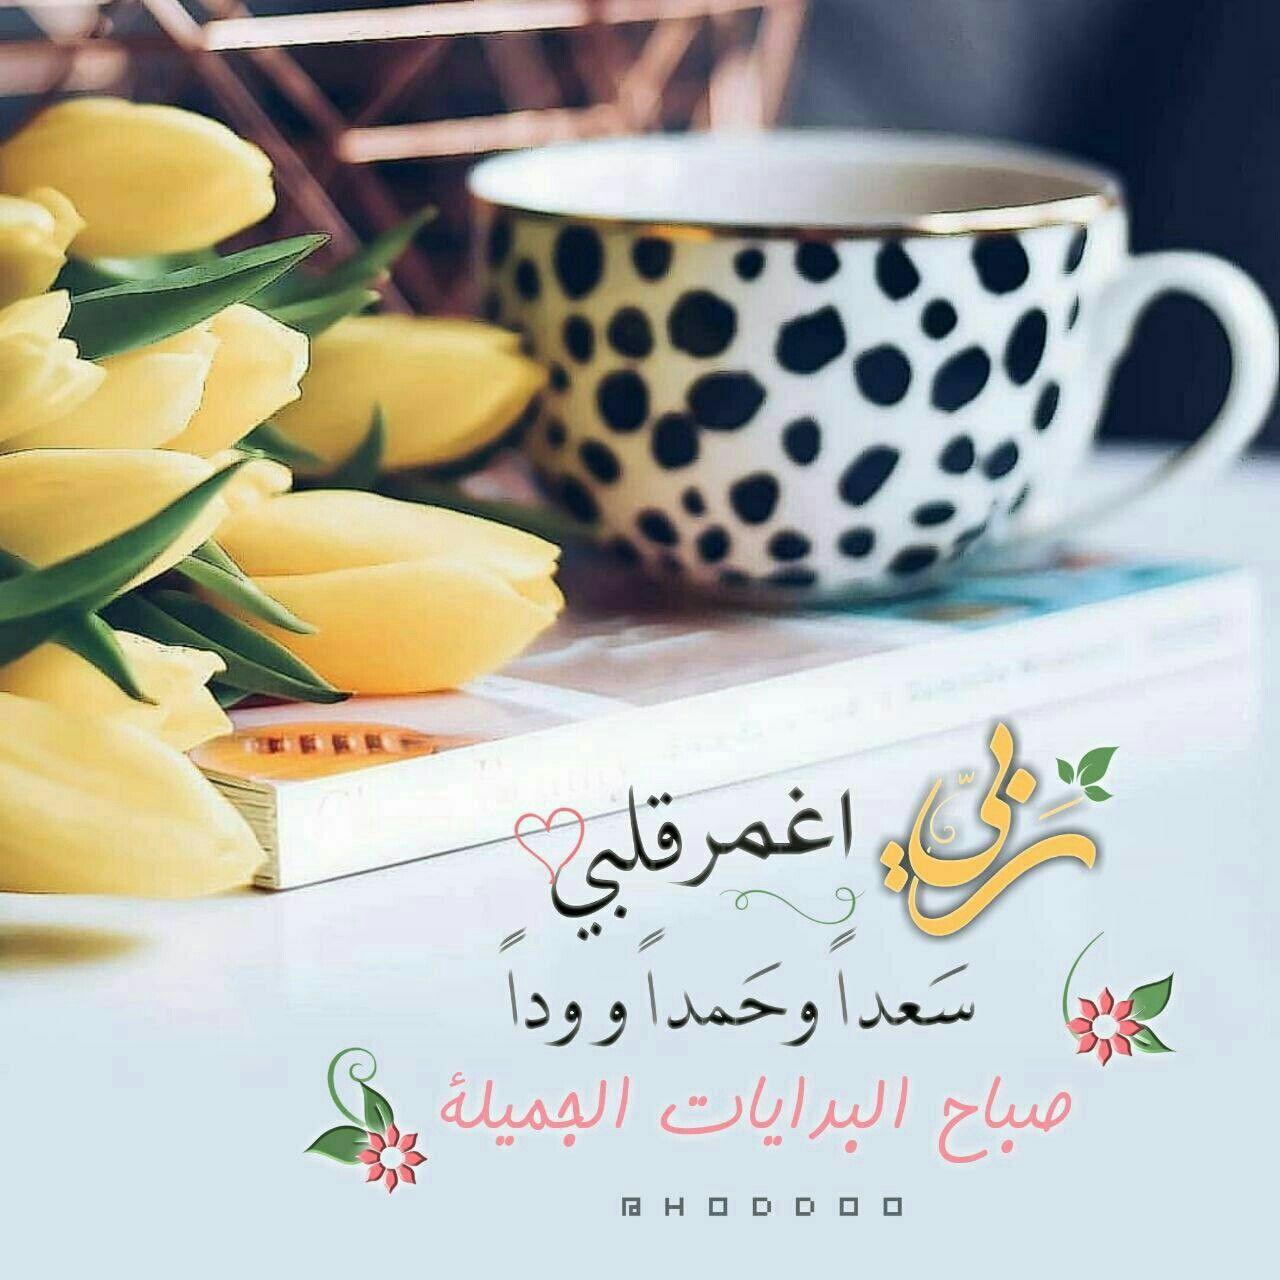 شهر رمضان ميدان للأج ور كل ثانية فيه ترقى بك إلى الغفران و العتق و الغنيمة فـك ن لل ه من السب اق ين صبــ ــاحكم Tableware Glassware Tea Cups